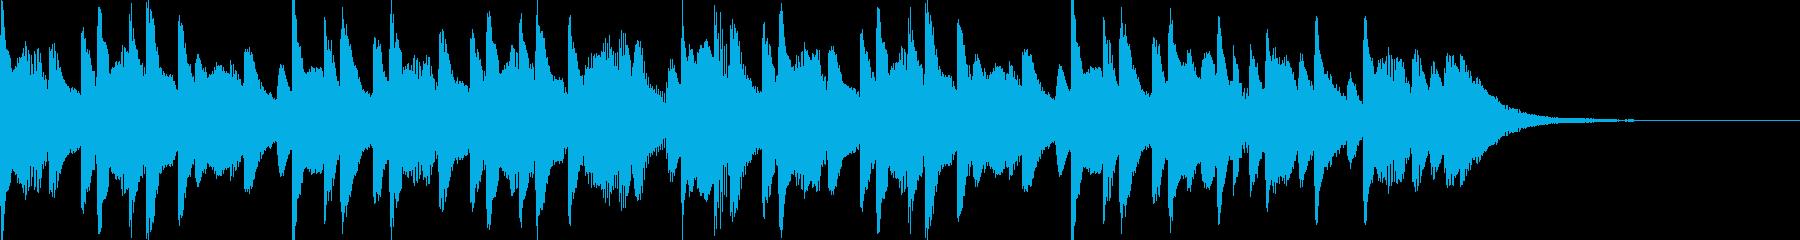 ほのぼのとしたマリンバのジングルの再生済みの波形